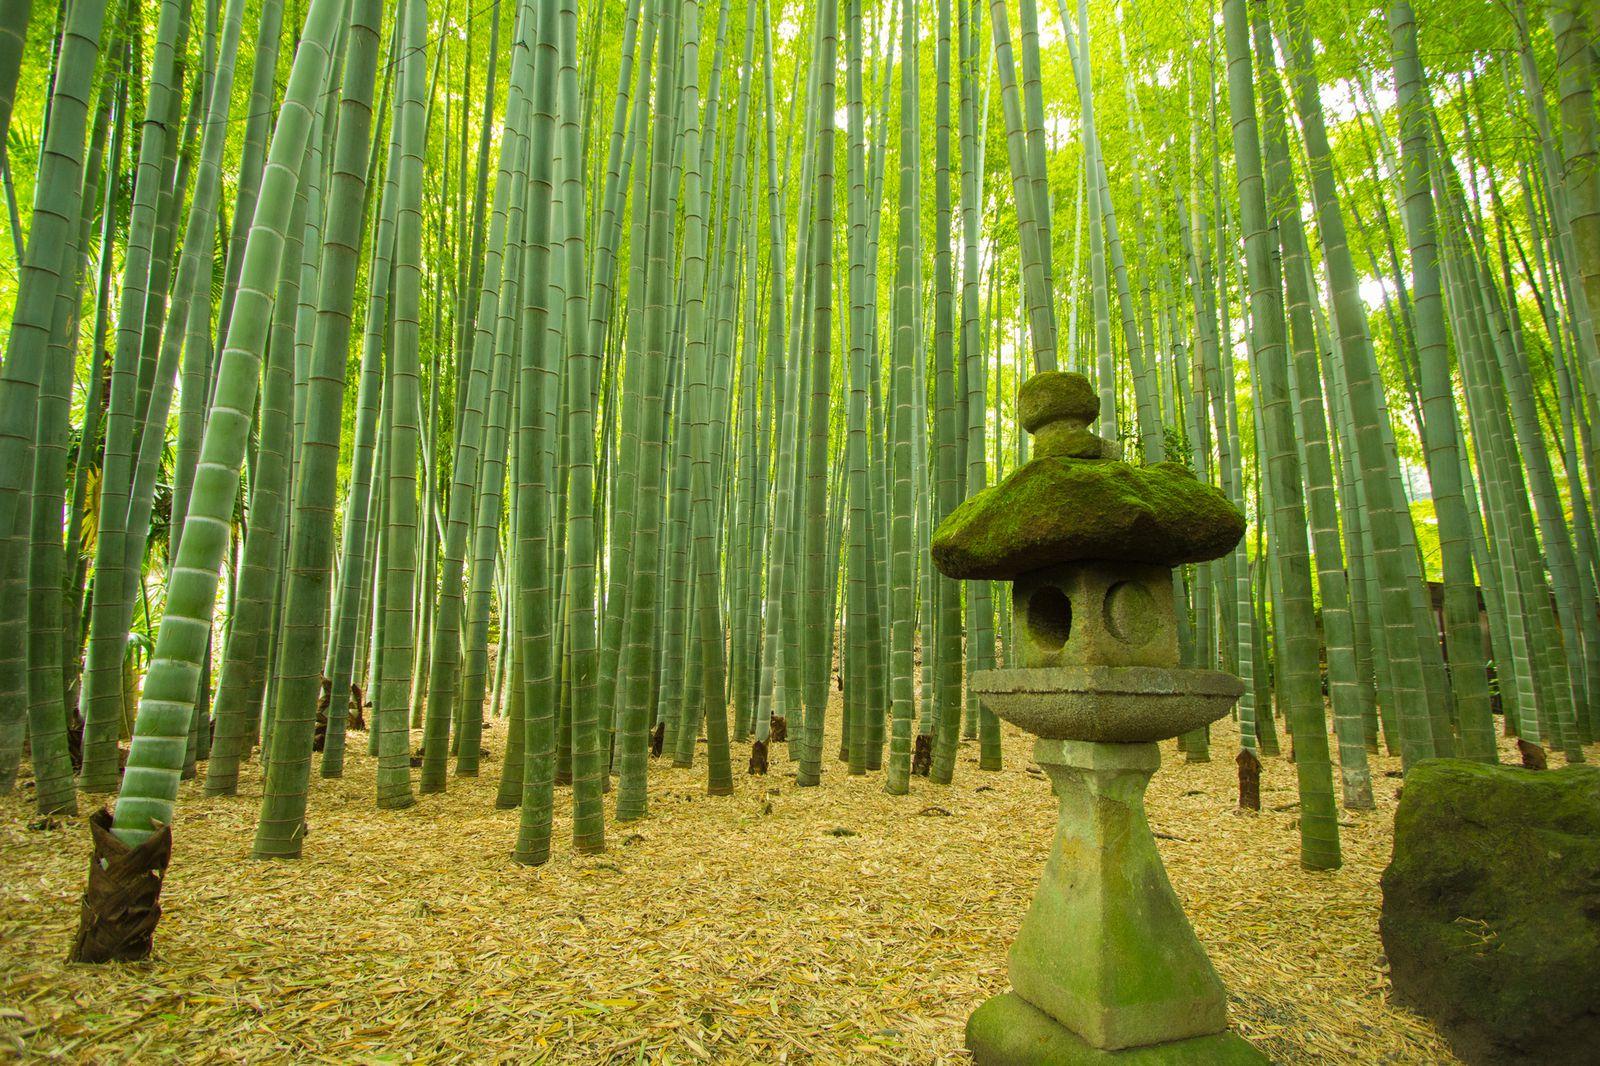 観光で訪れたい人気スポット!鎌倉のおすすめ神社・寺ランキングTOP15 12枚目の画像